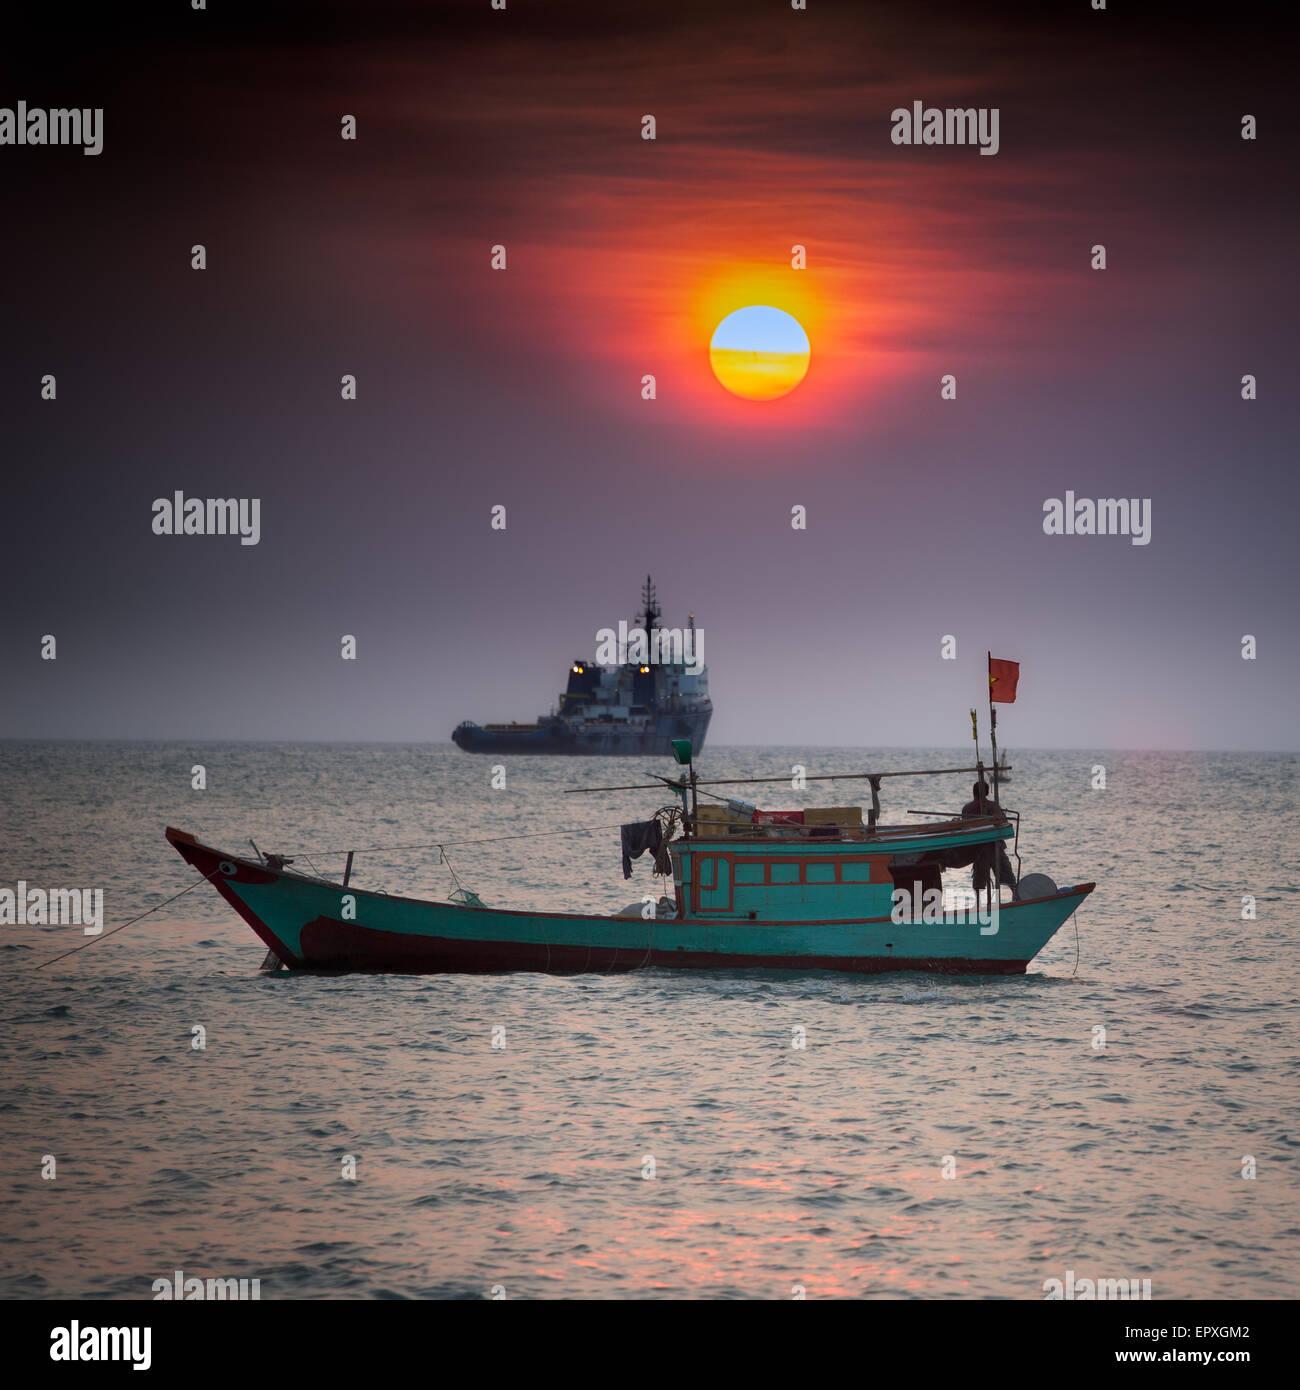 Pequeño barco pesquero en el Mar de China Meridional, en Vung Tau, Vietnam Foto de stock